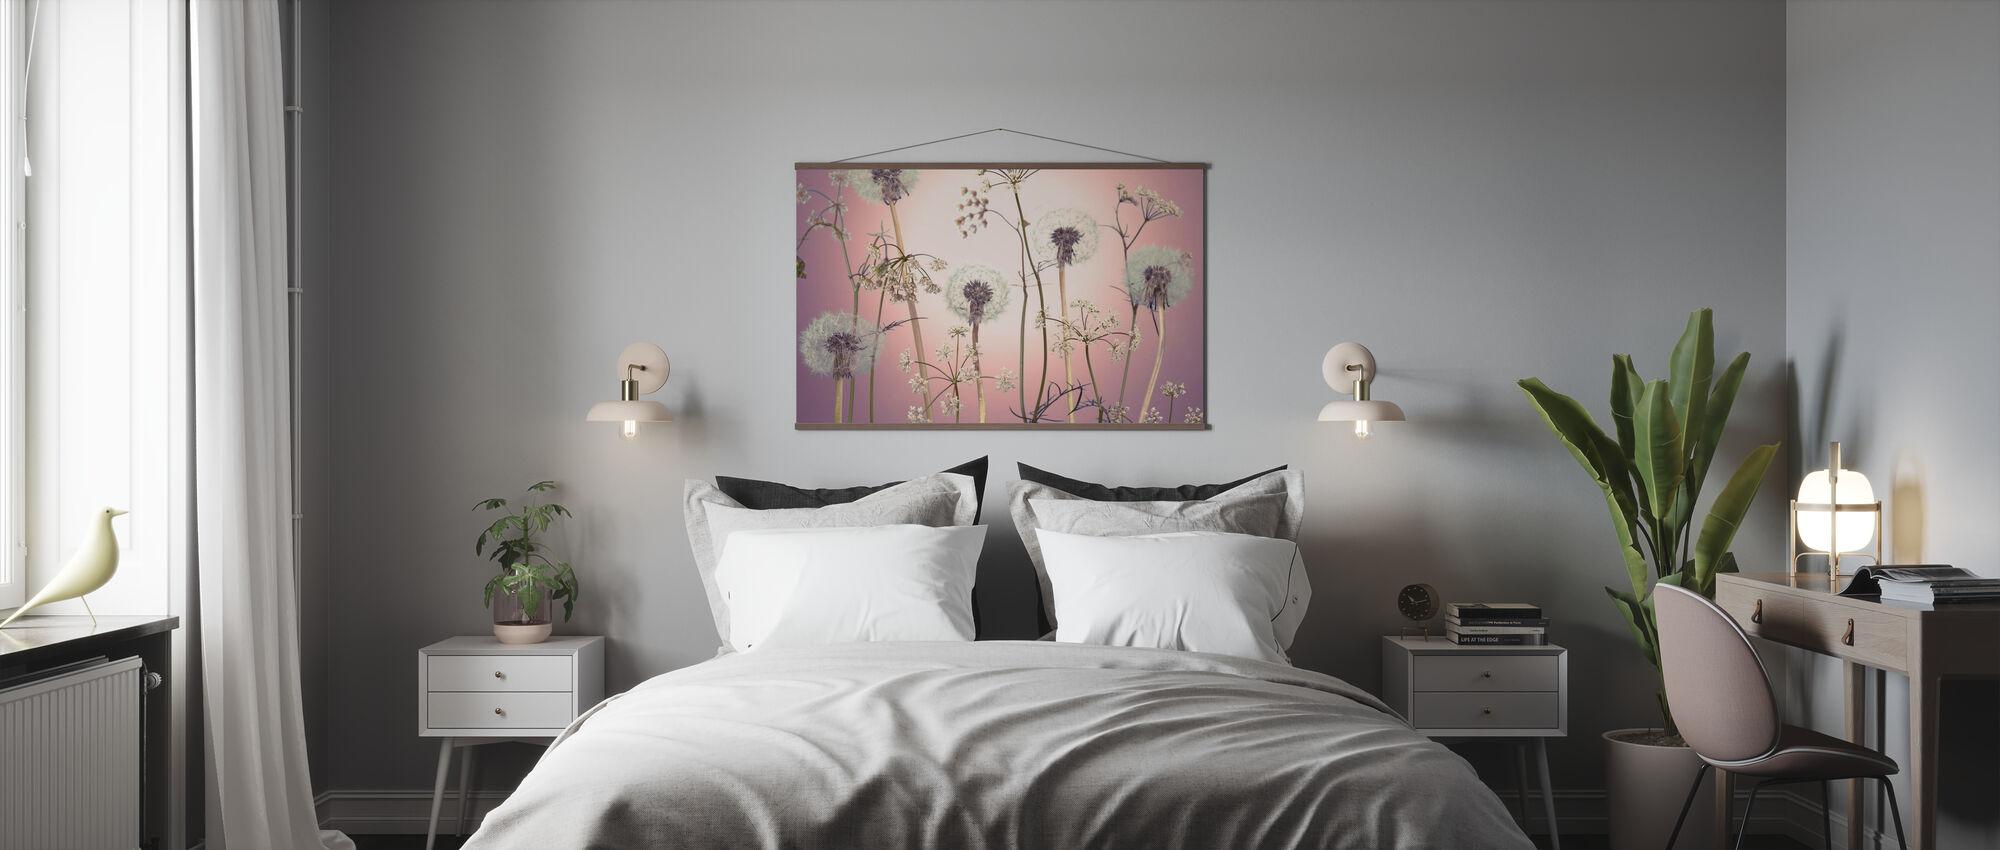 Weide Bloemen - Roze - Poster - Slaapkamer